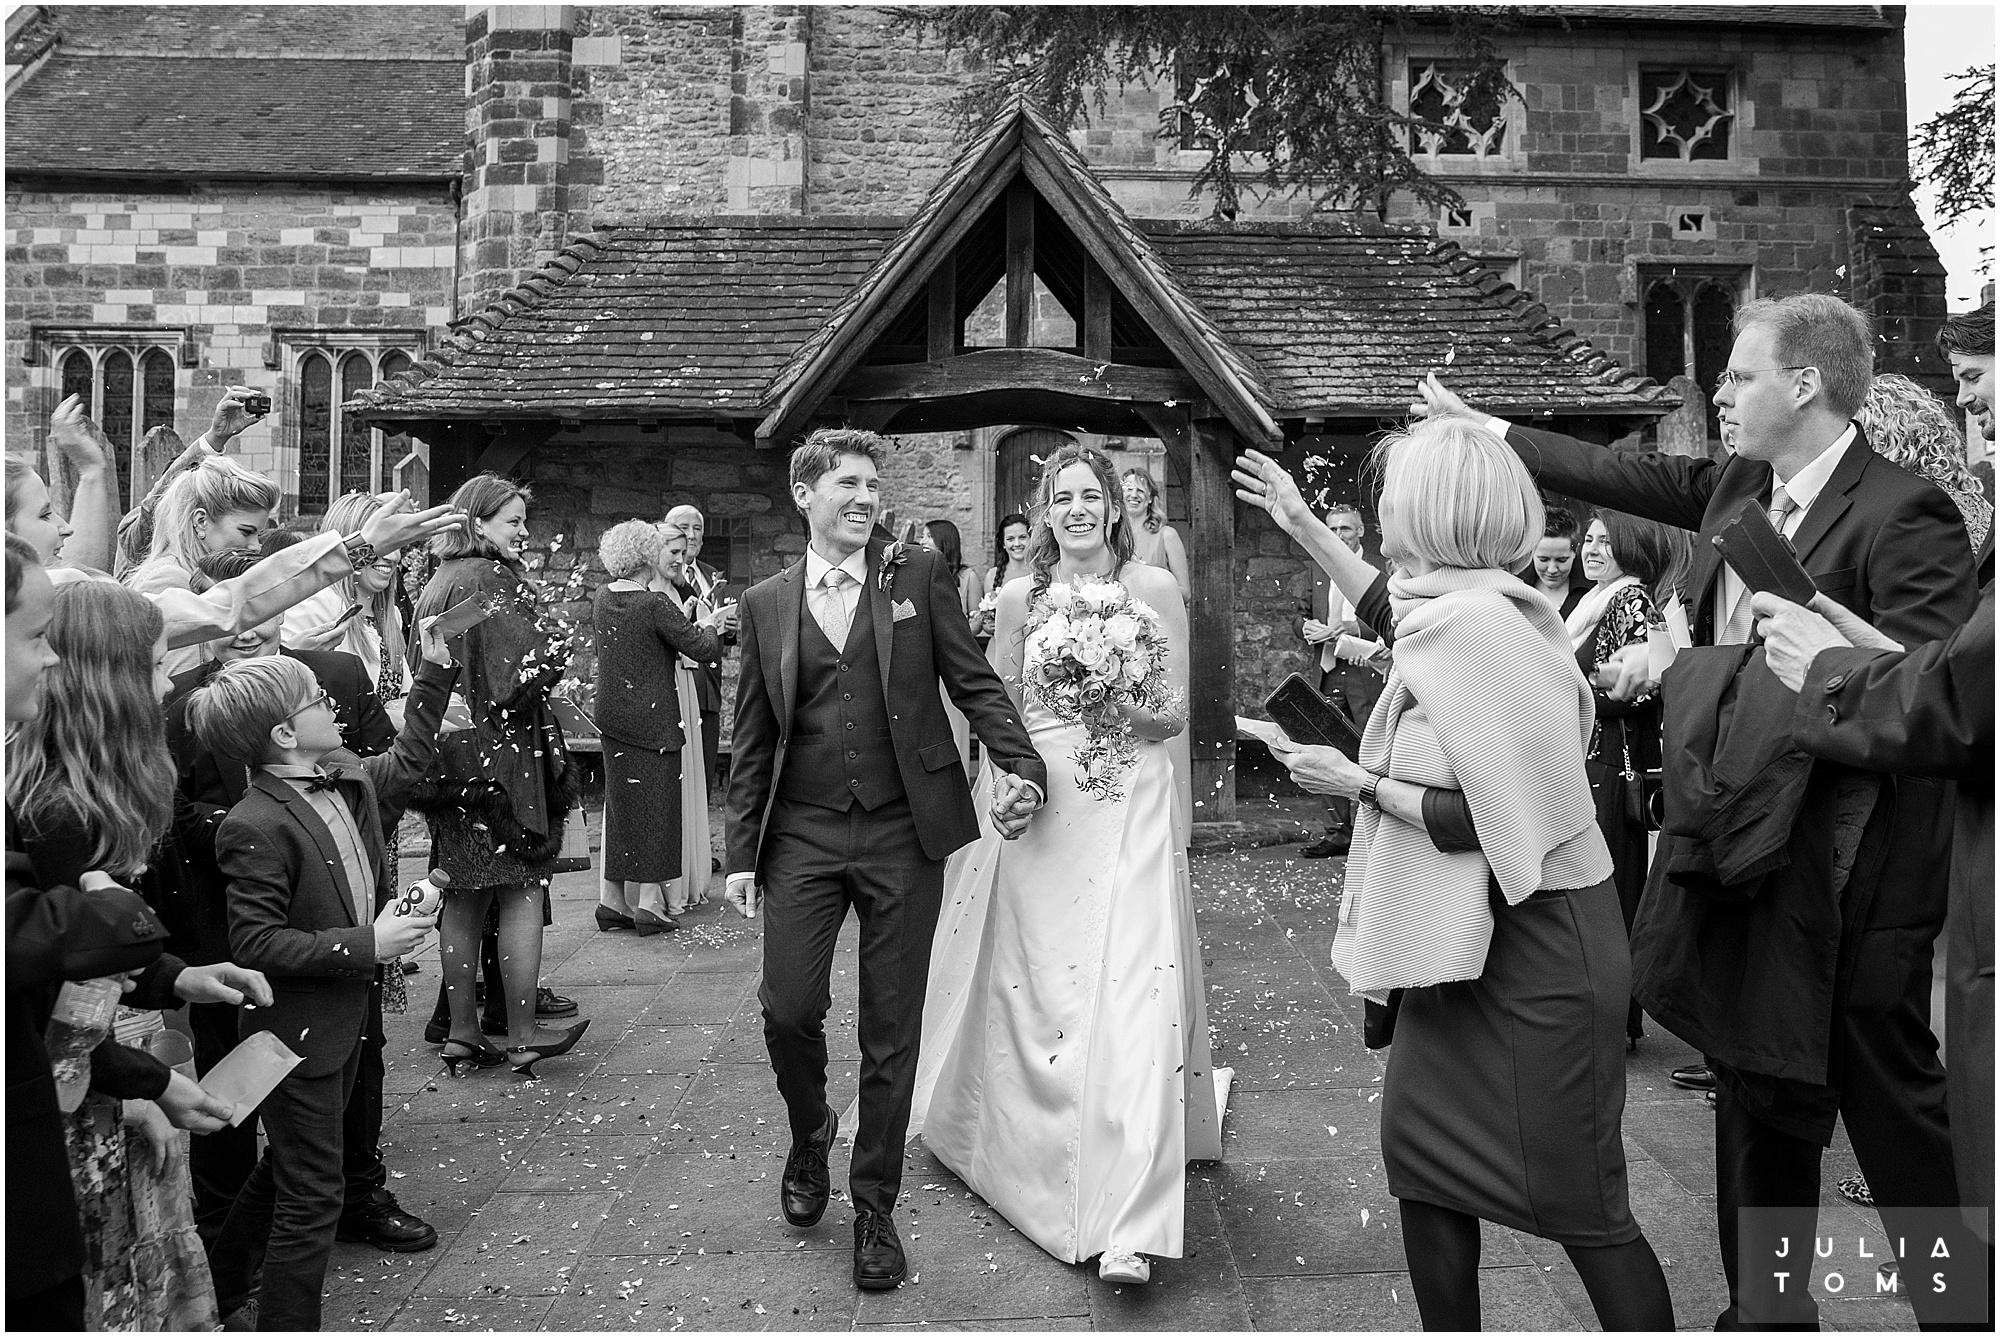 juliatoms_christian_wedding_photogtapher_midhurst_006.jpg